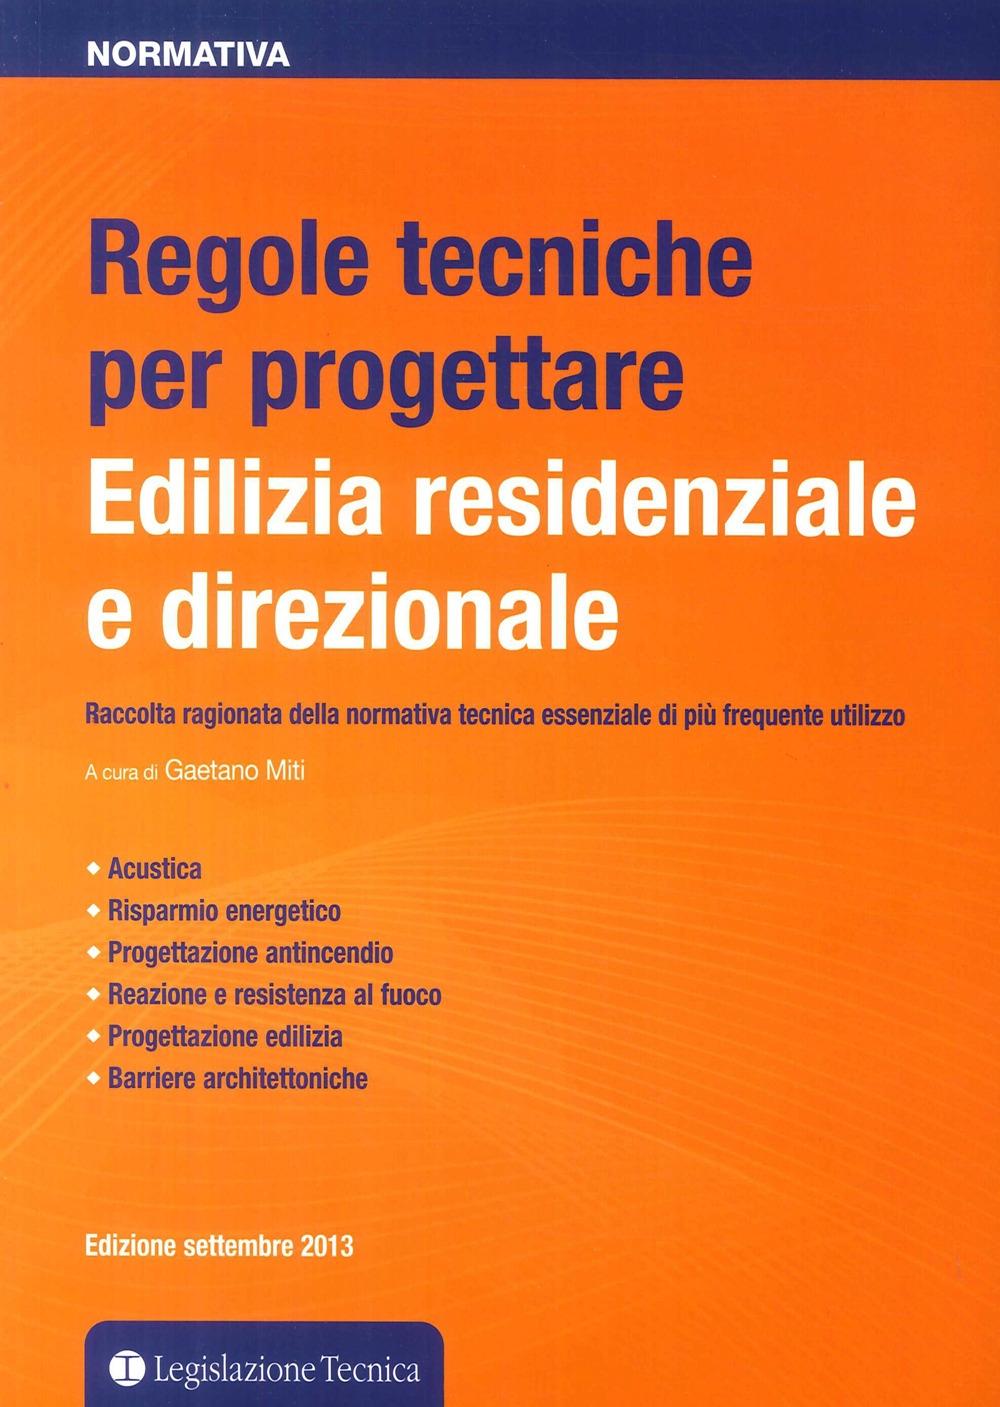 Regole Tecniche per Progettare. Edilizia Residenziale e Direzionale. Raccolta Ragionata della Normativa Tecnica Essenziale di più Frequente Utilizzo